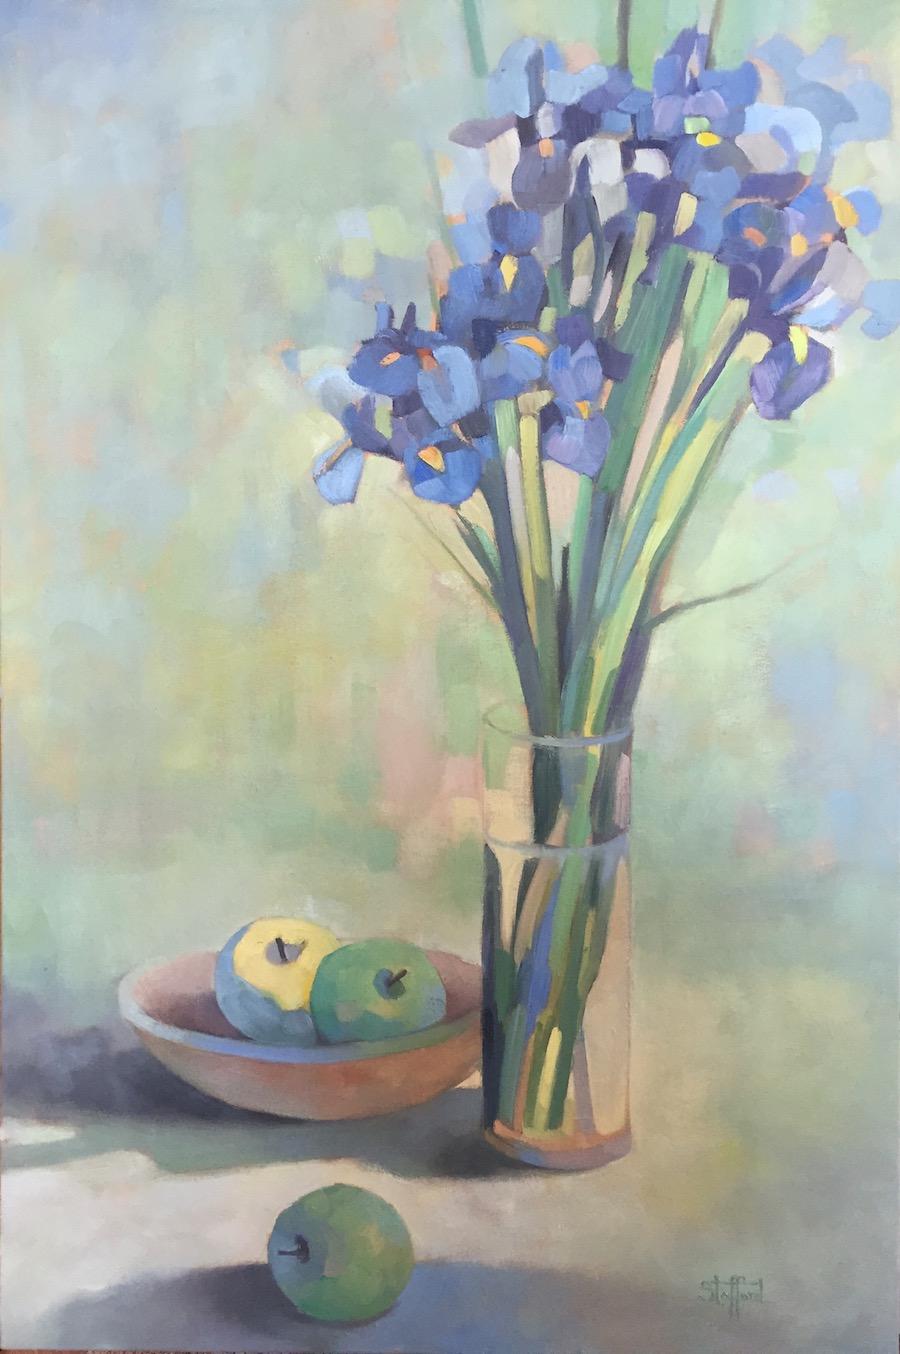 Siberian Iris, 24x36, oil on canvas